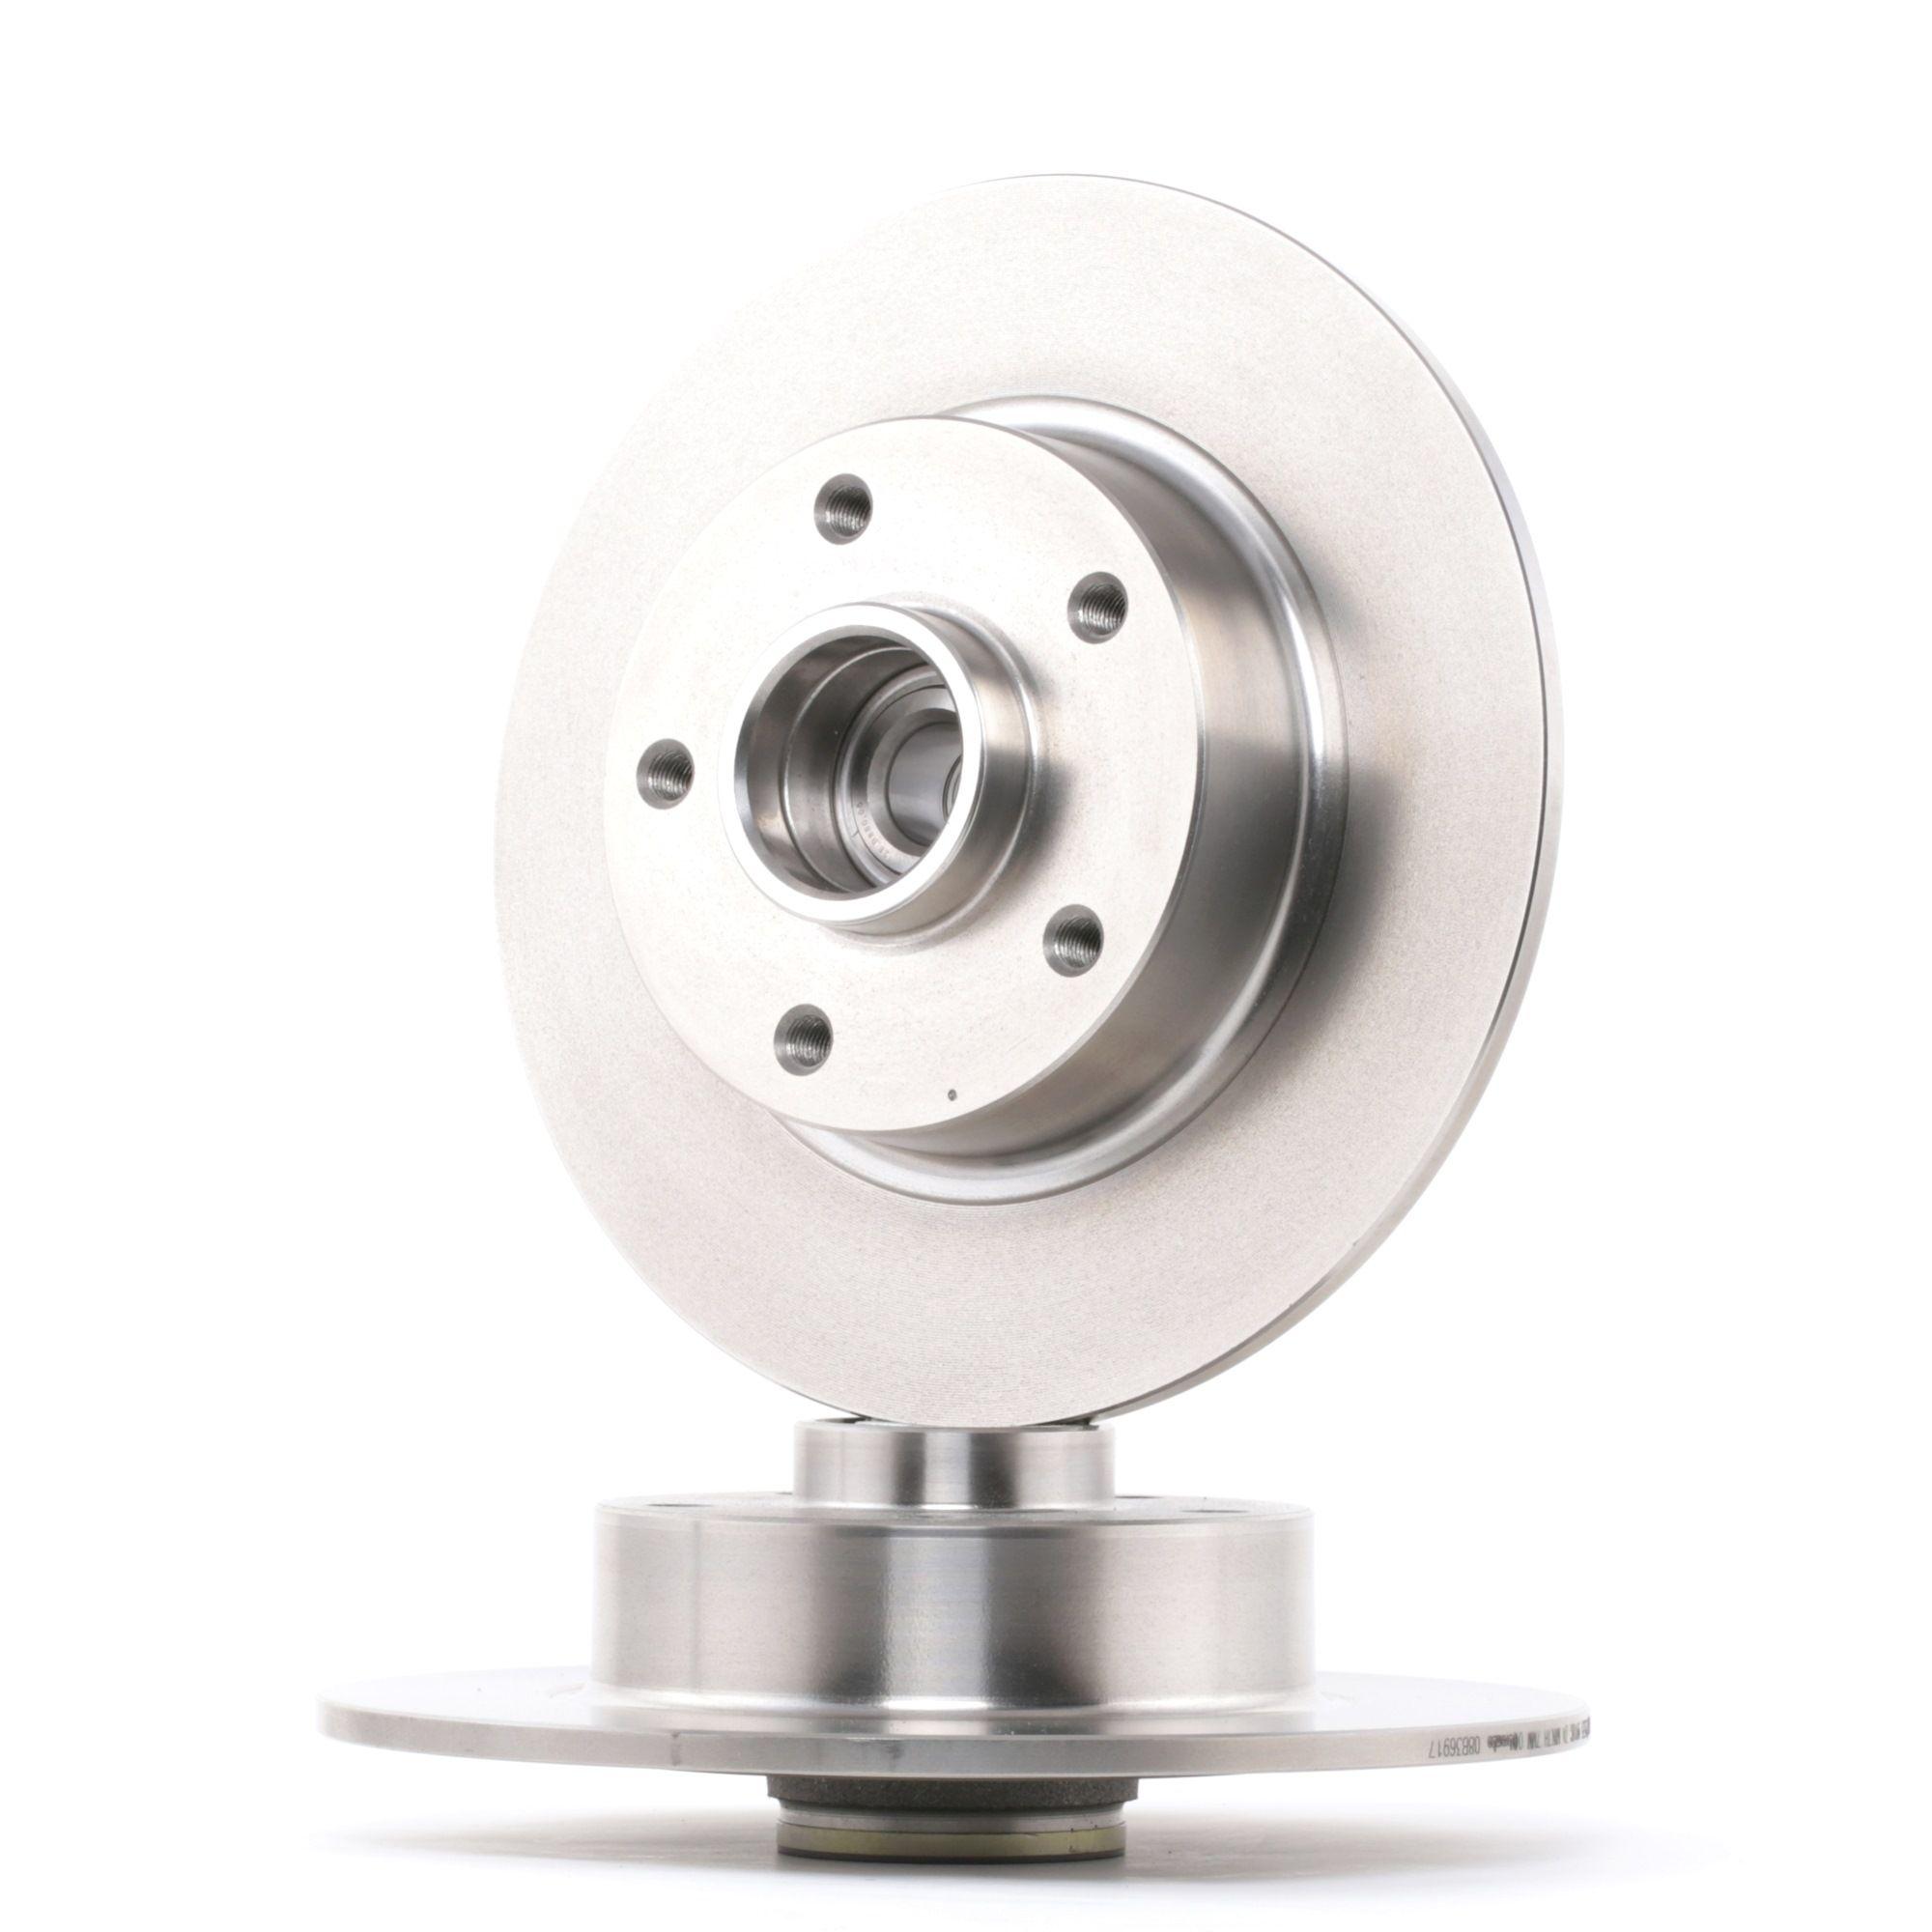 Origine Système de freinage BREMBO 08.B369.17 (Ø: 260mm, Nbre de trous: 5, Épaisseur du disque de frein: 8mm)